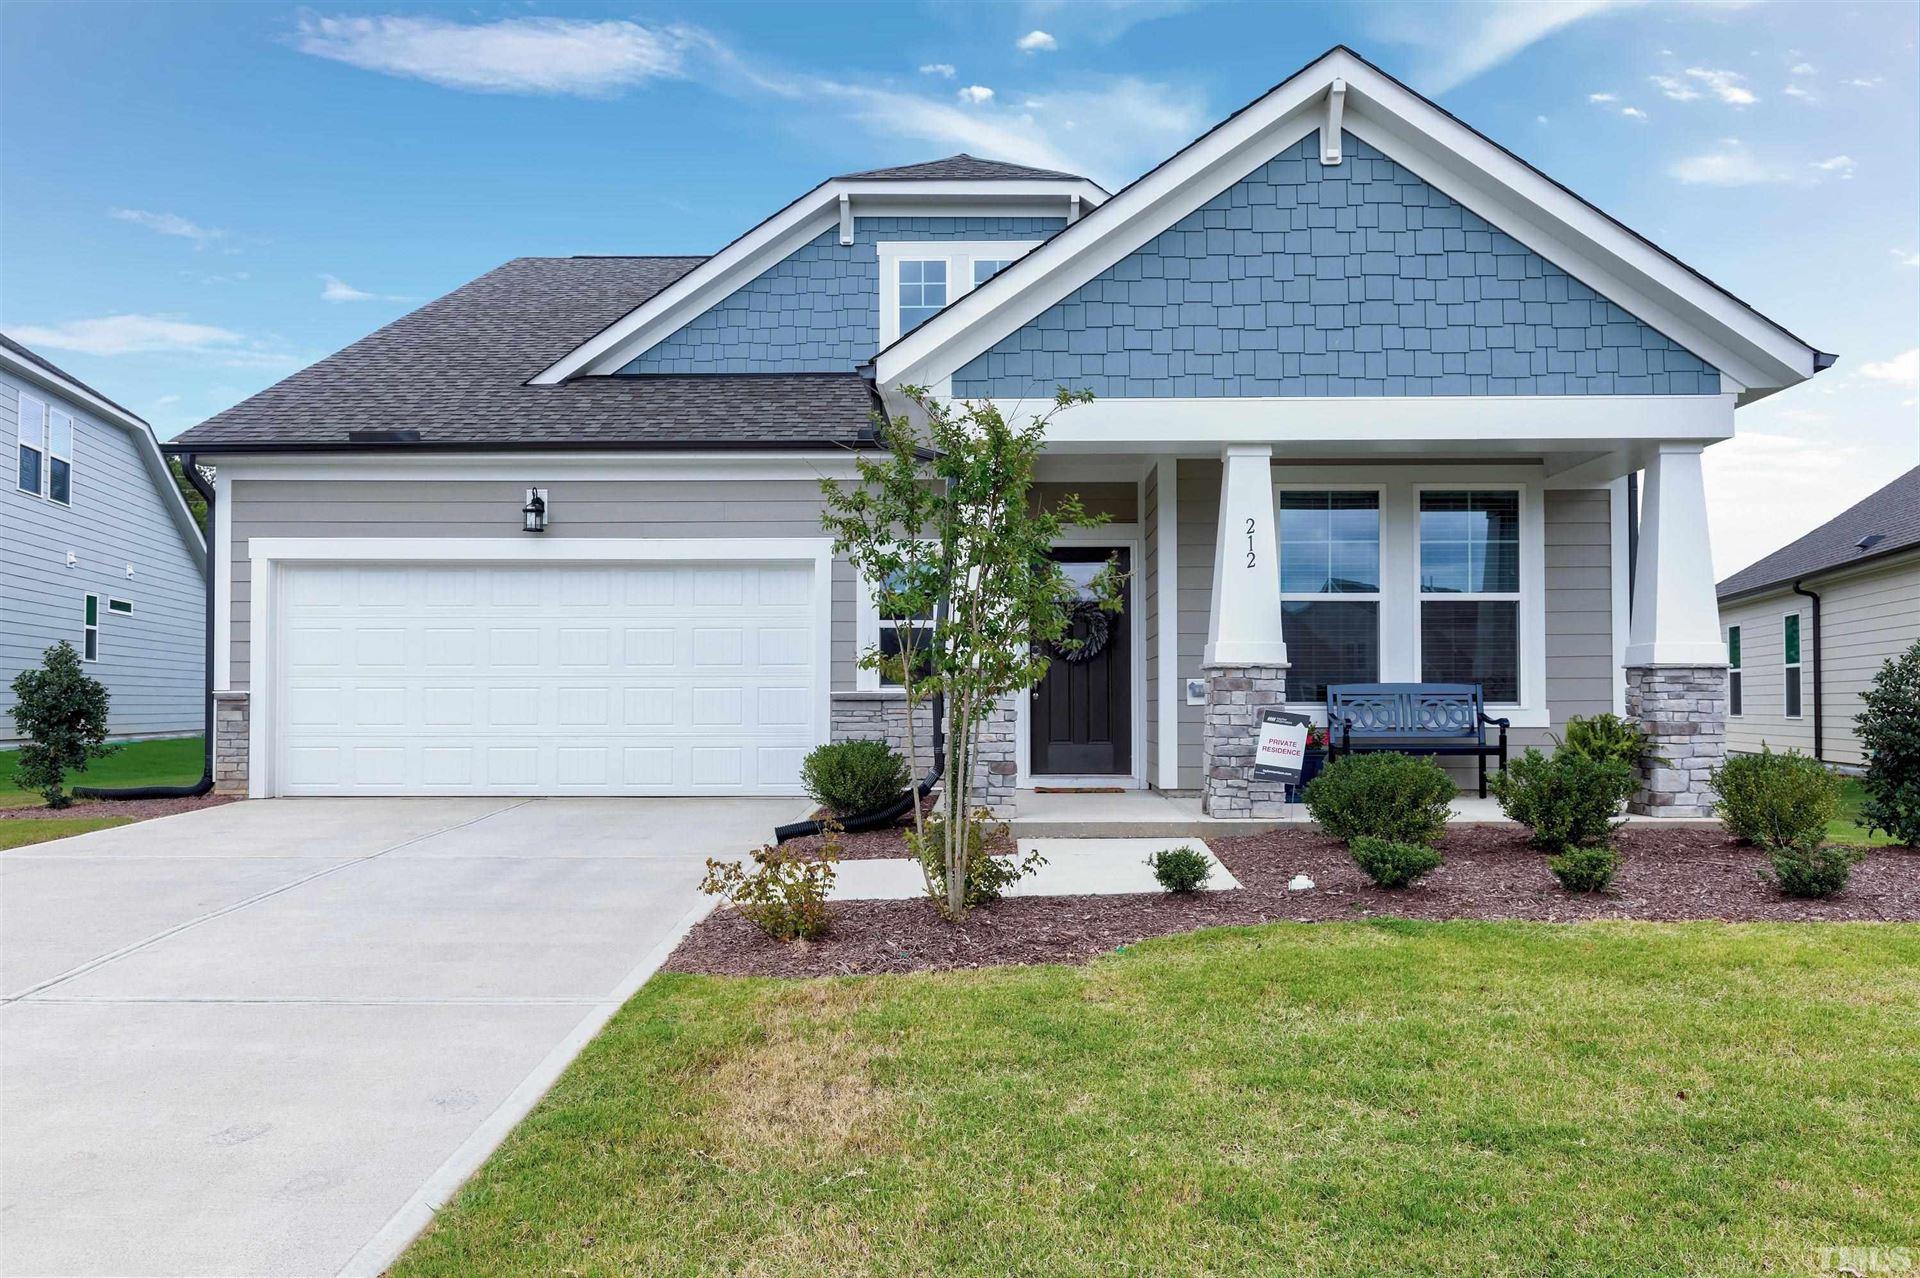 Photo of 212 Luftee Lane, Holly Springs, NC 27540 (MLS # 2408723)